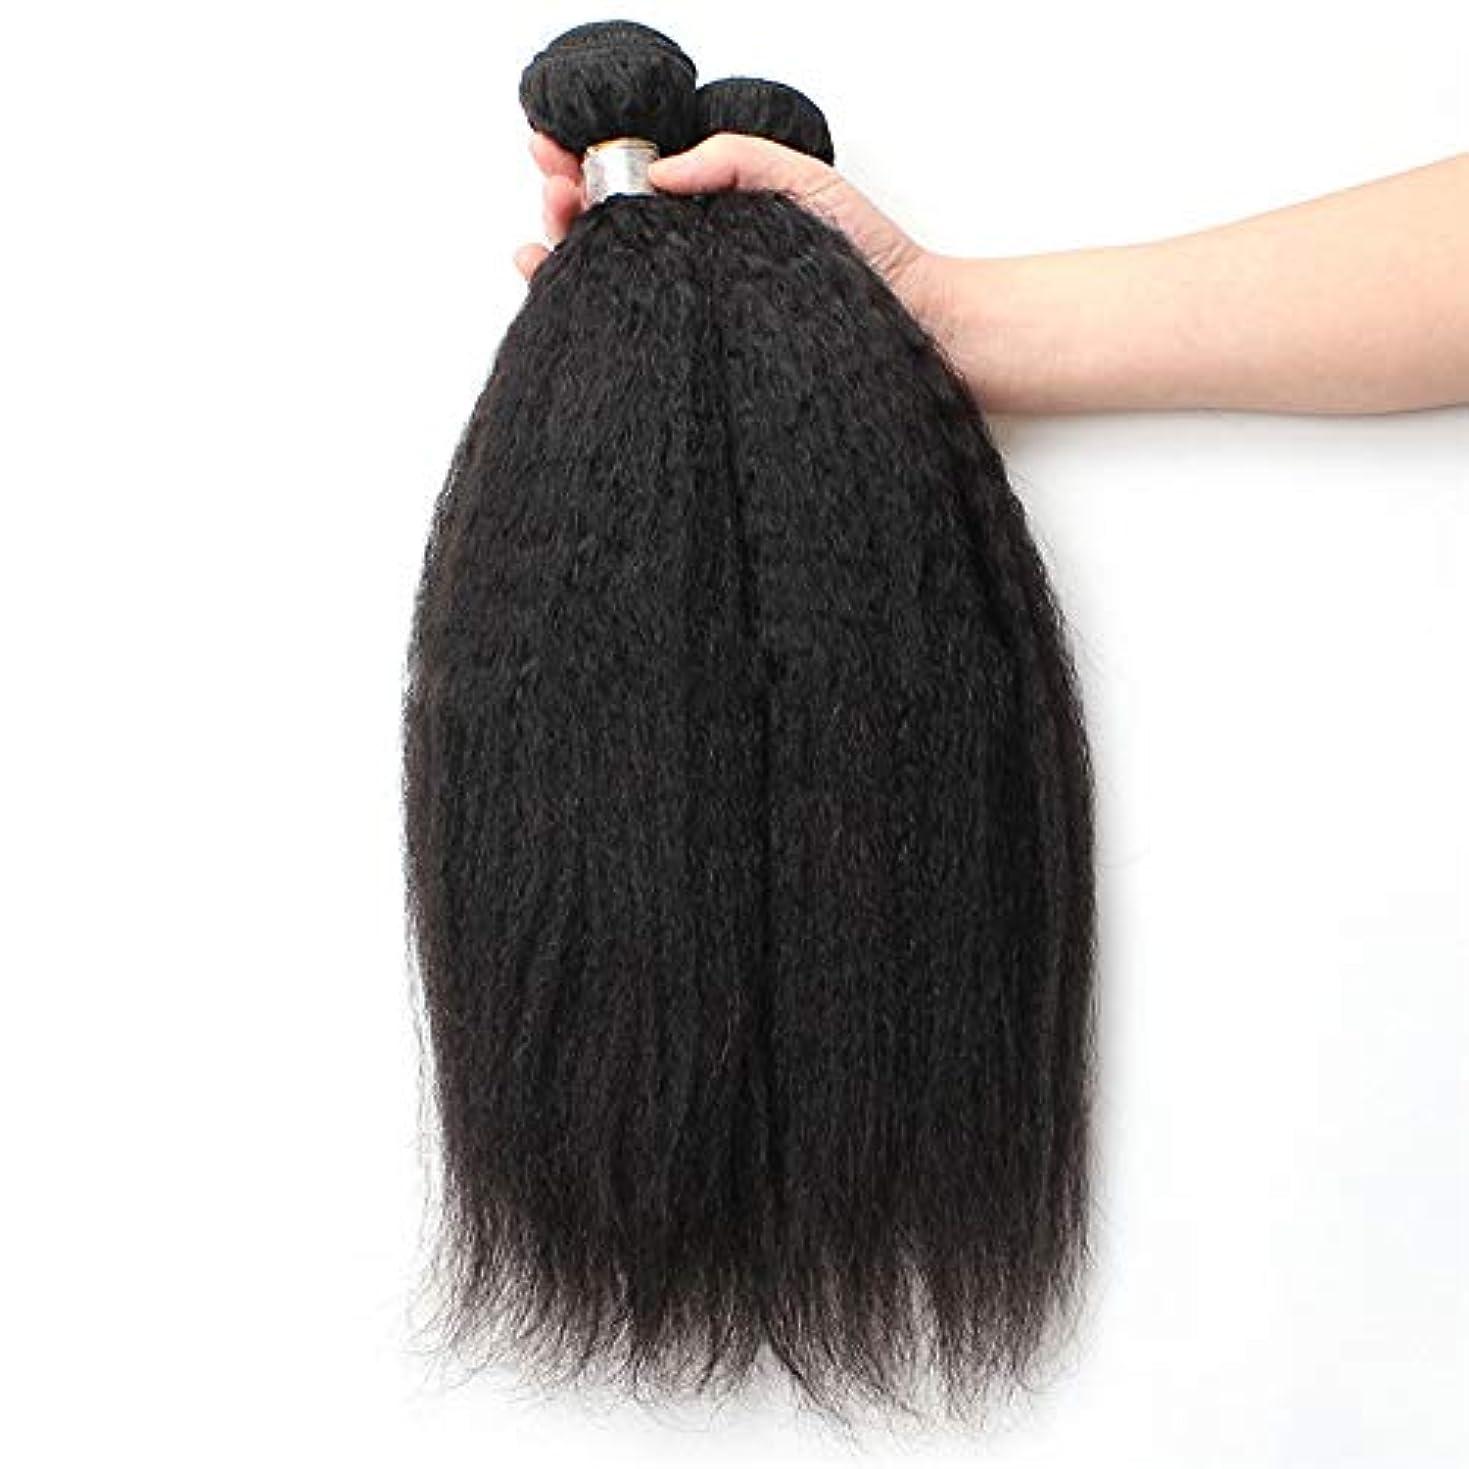 宣言する喜んで領域HOHYLLYA 9Aブラジル人変態ストレート人間の髪1バンドル焼きストレートヘア100%未処理の人間の毛髪延長ナチュラルブラックカラー複合毛レースのかつらロールプレイングかつらストレートシリンダーショートスタイル女性自然...